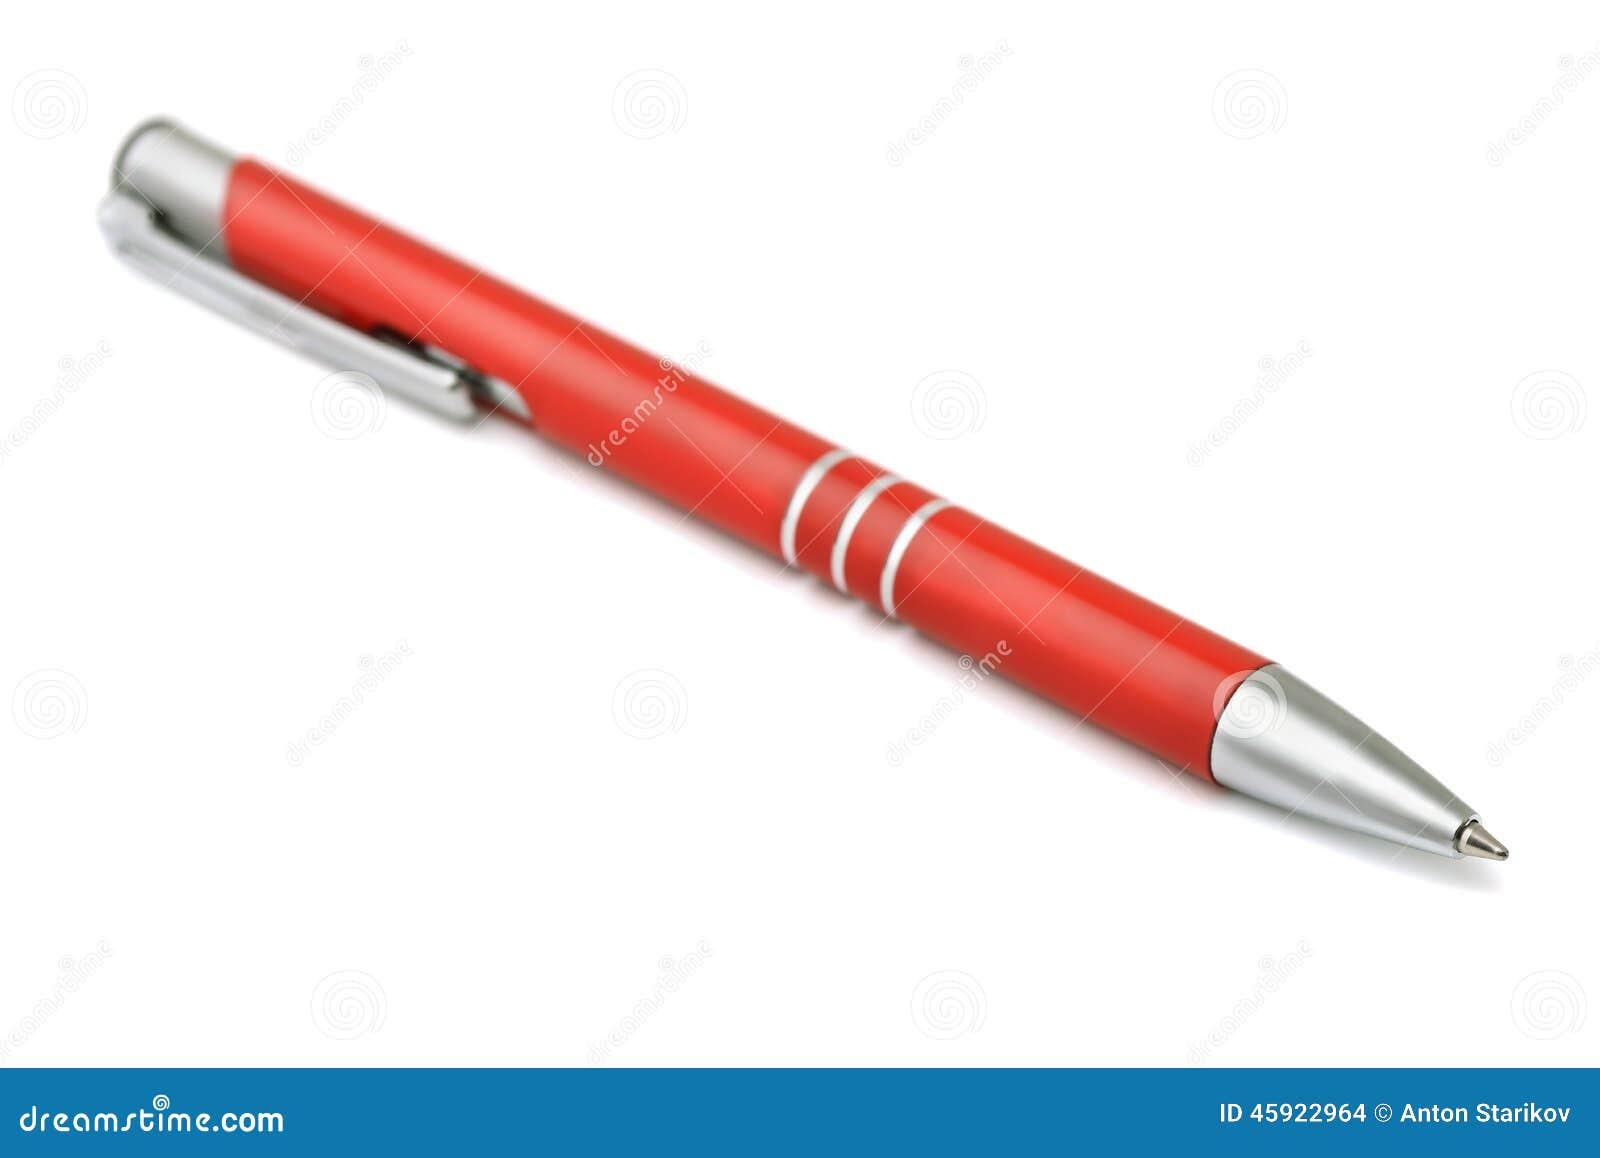 Ручка шариковой авторучки